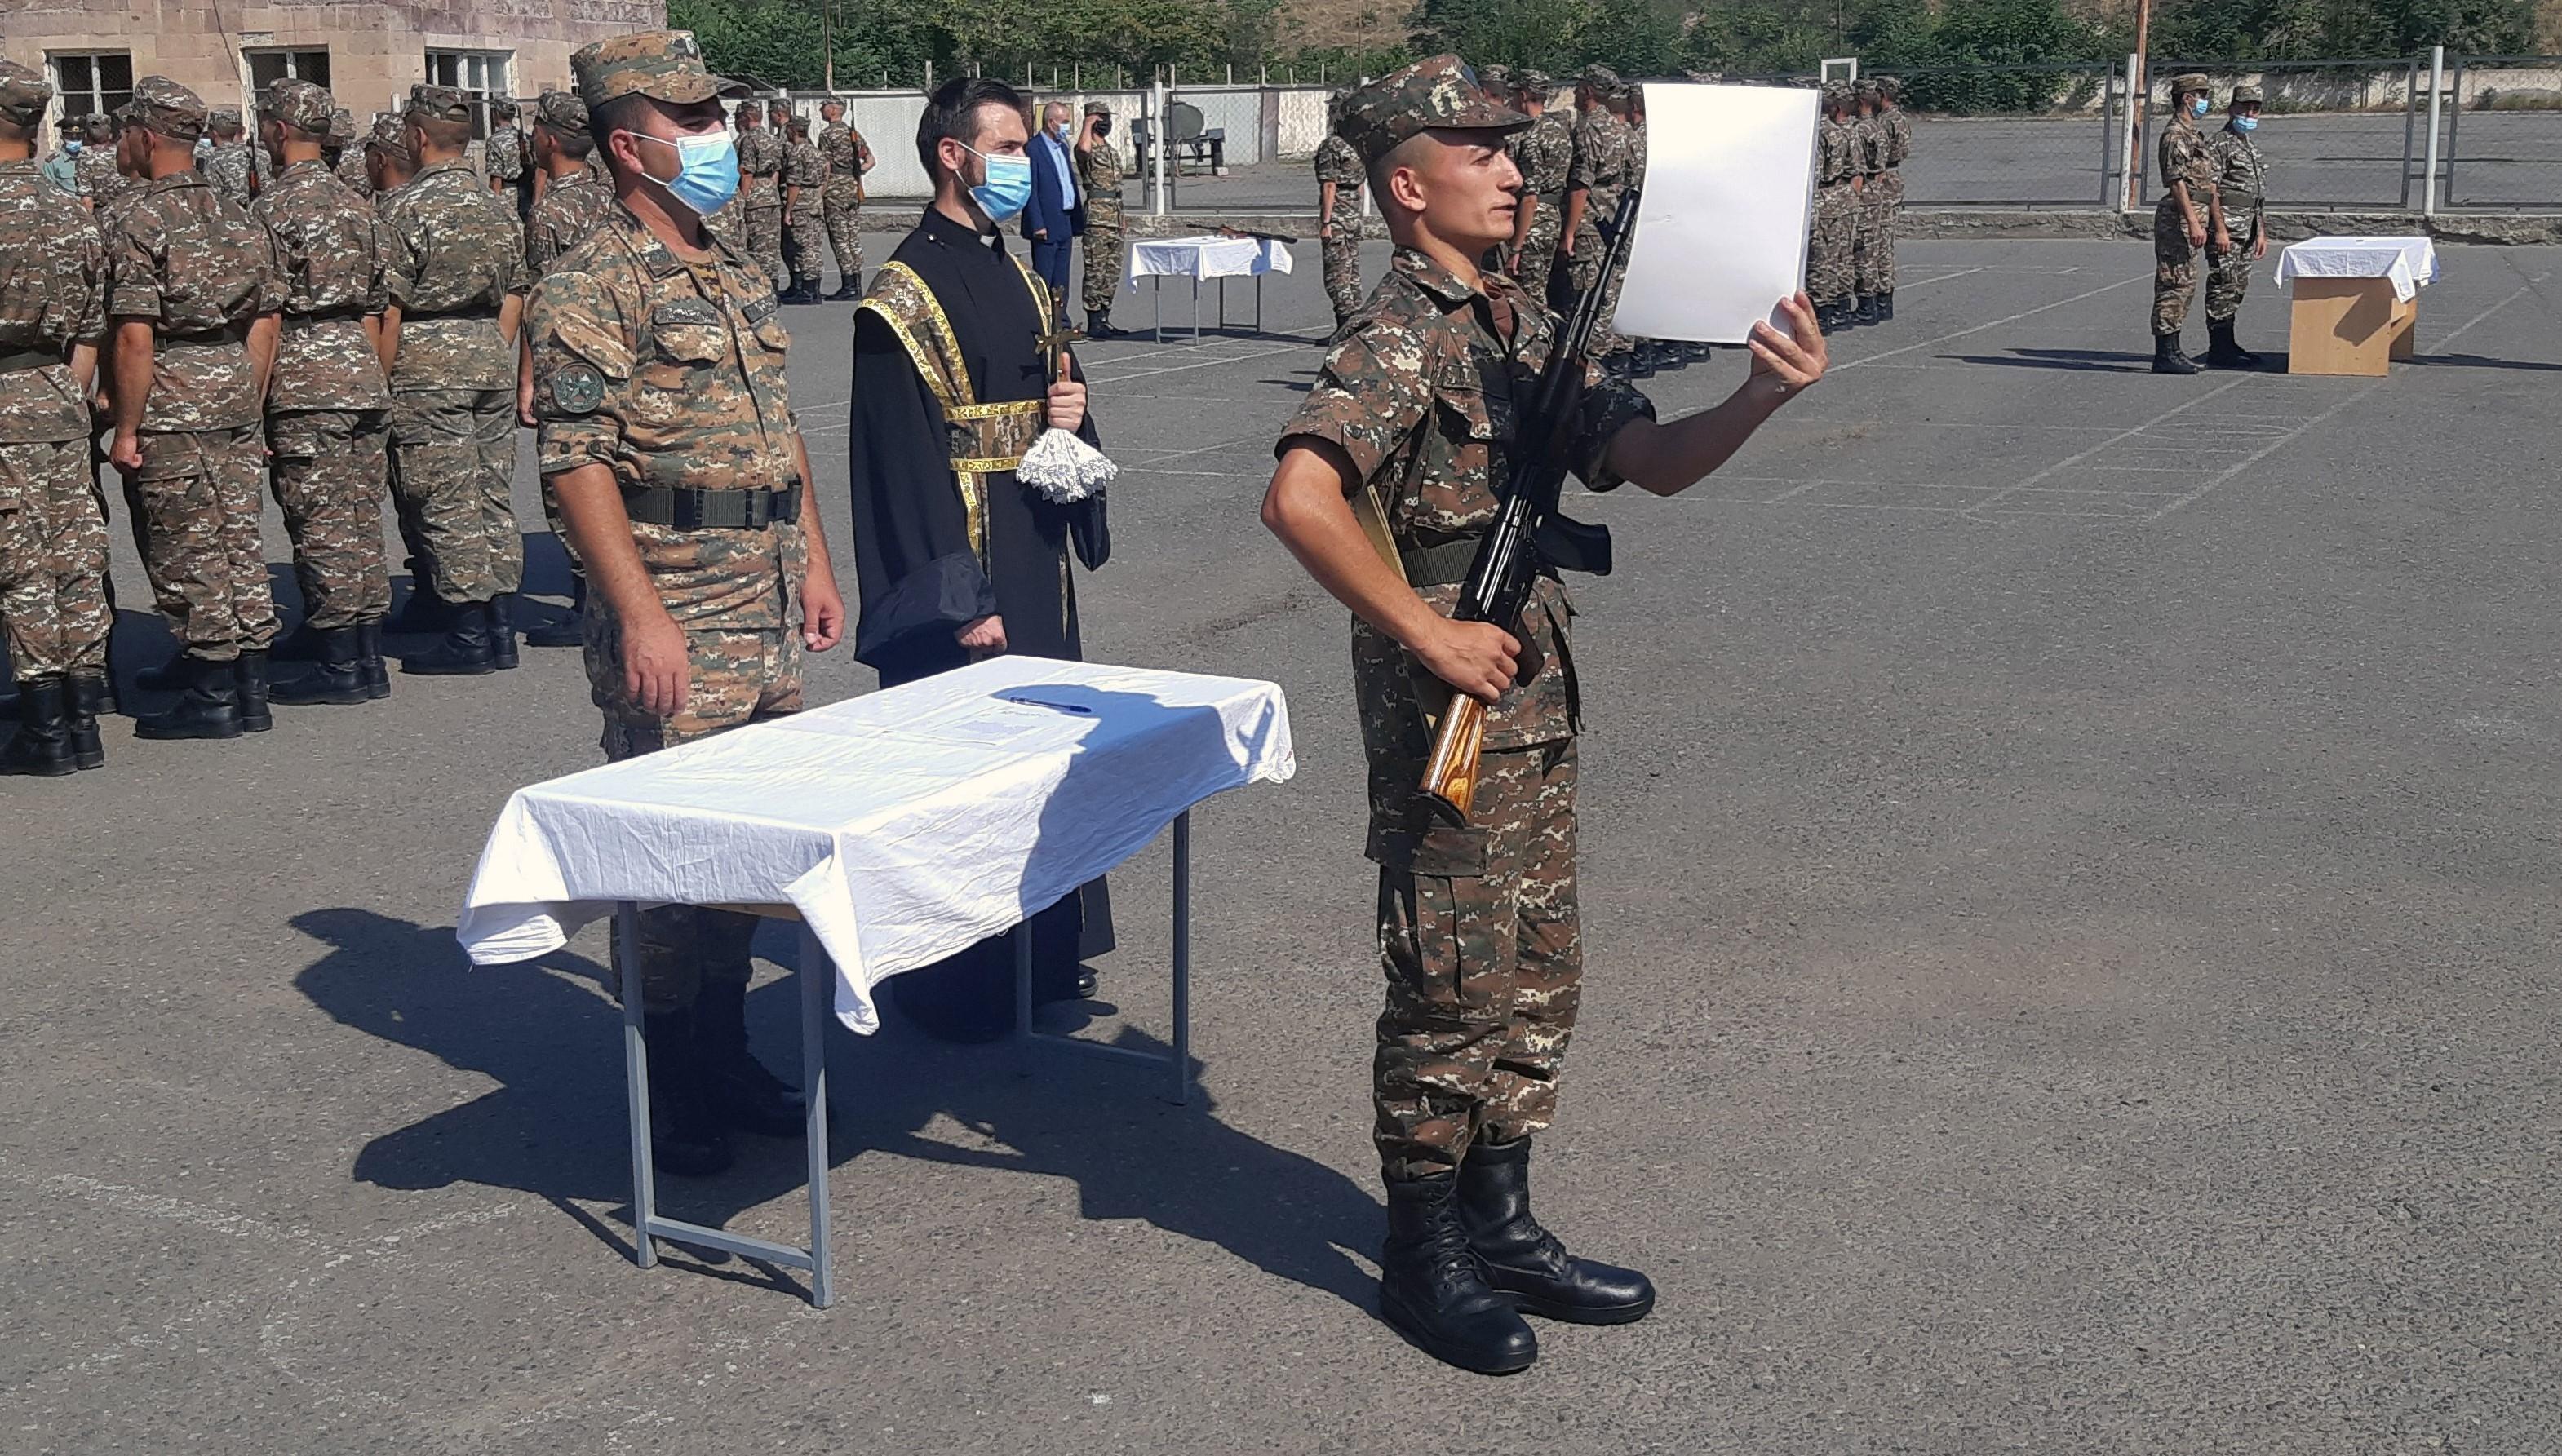 Photo of 1-ին զորամիավորումում տեղի է ունեցել նորակոչիկ զինծառայողների երդման հանդիսավոր արարողություն